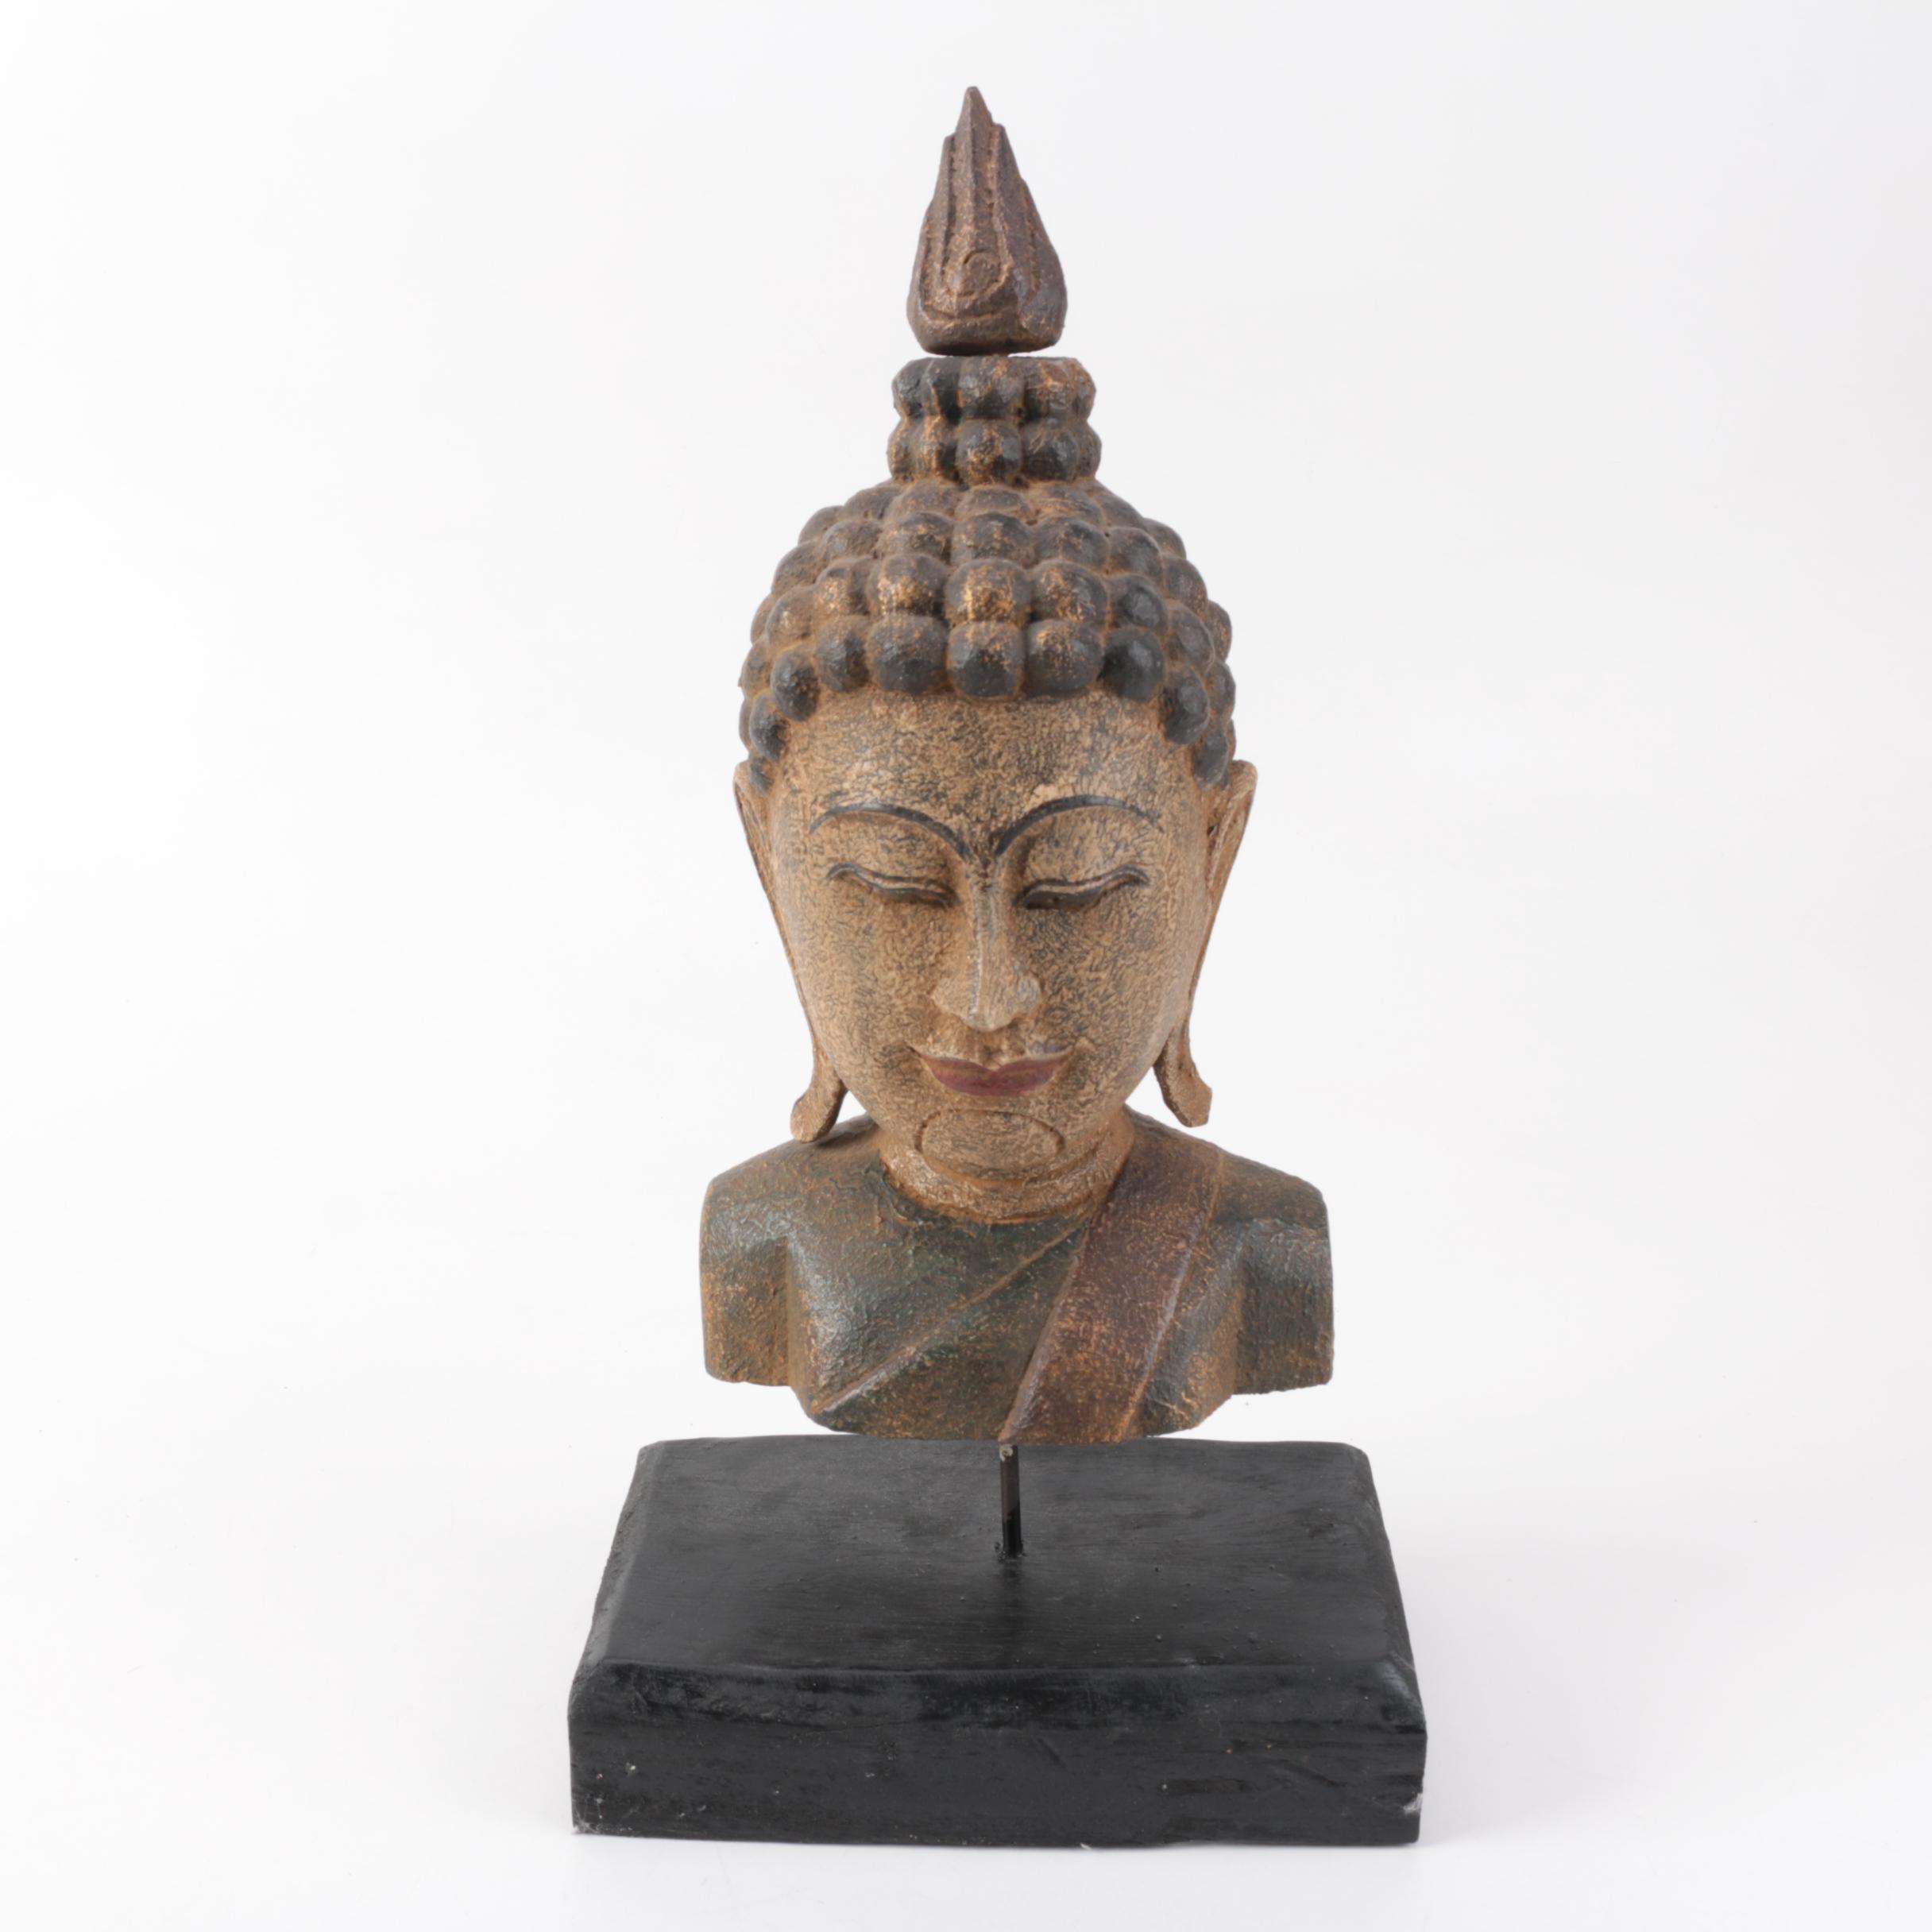 Southeast Asian Style Bust of Buddha